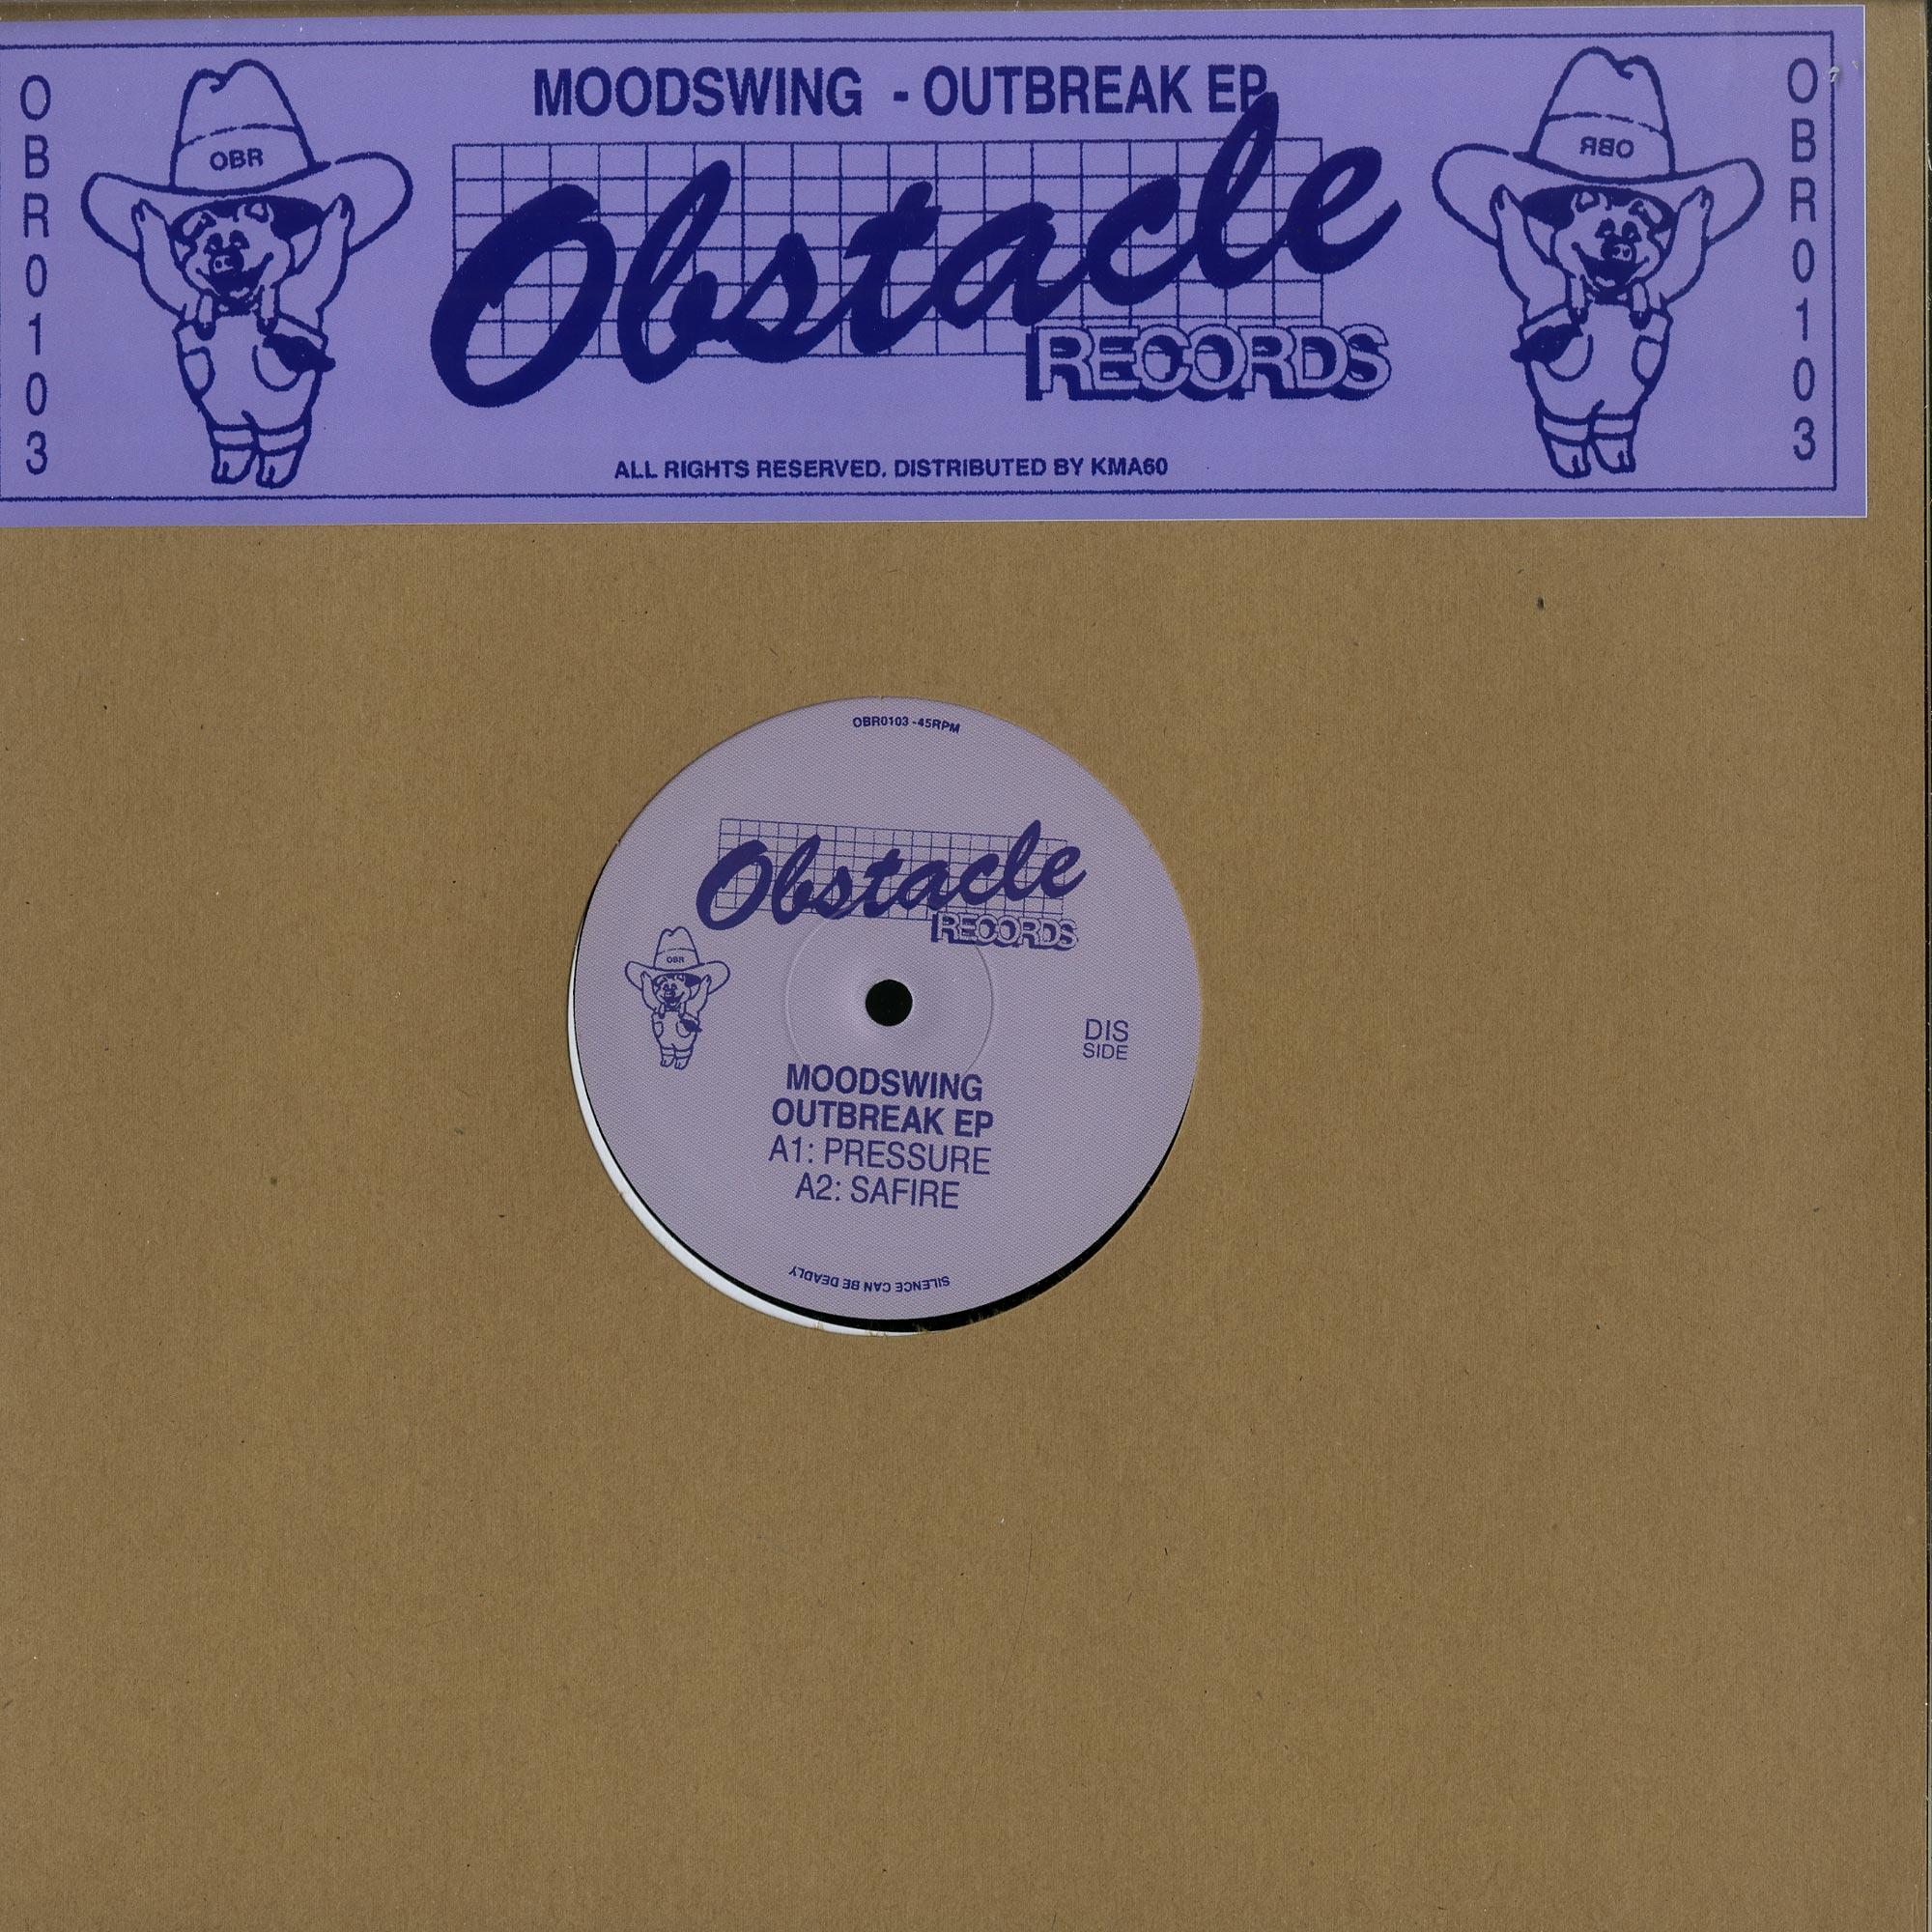 Moodswing - OUTBREAK EP